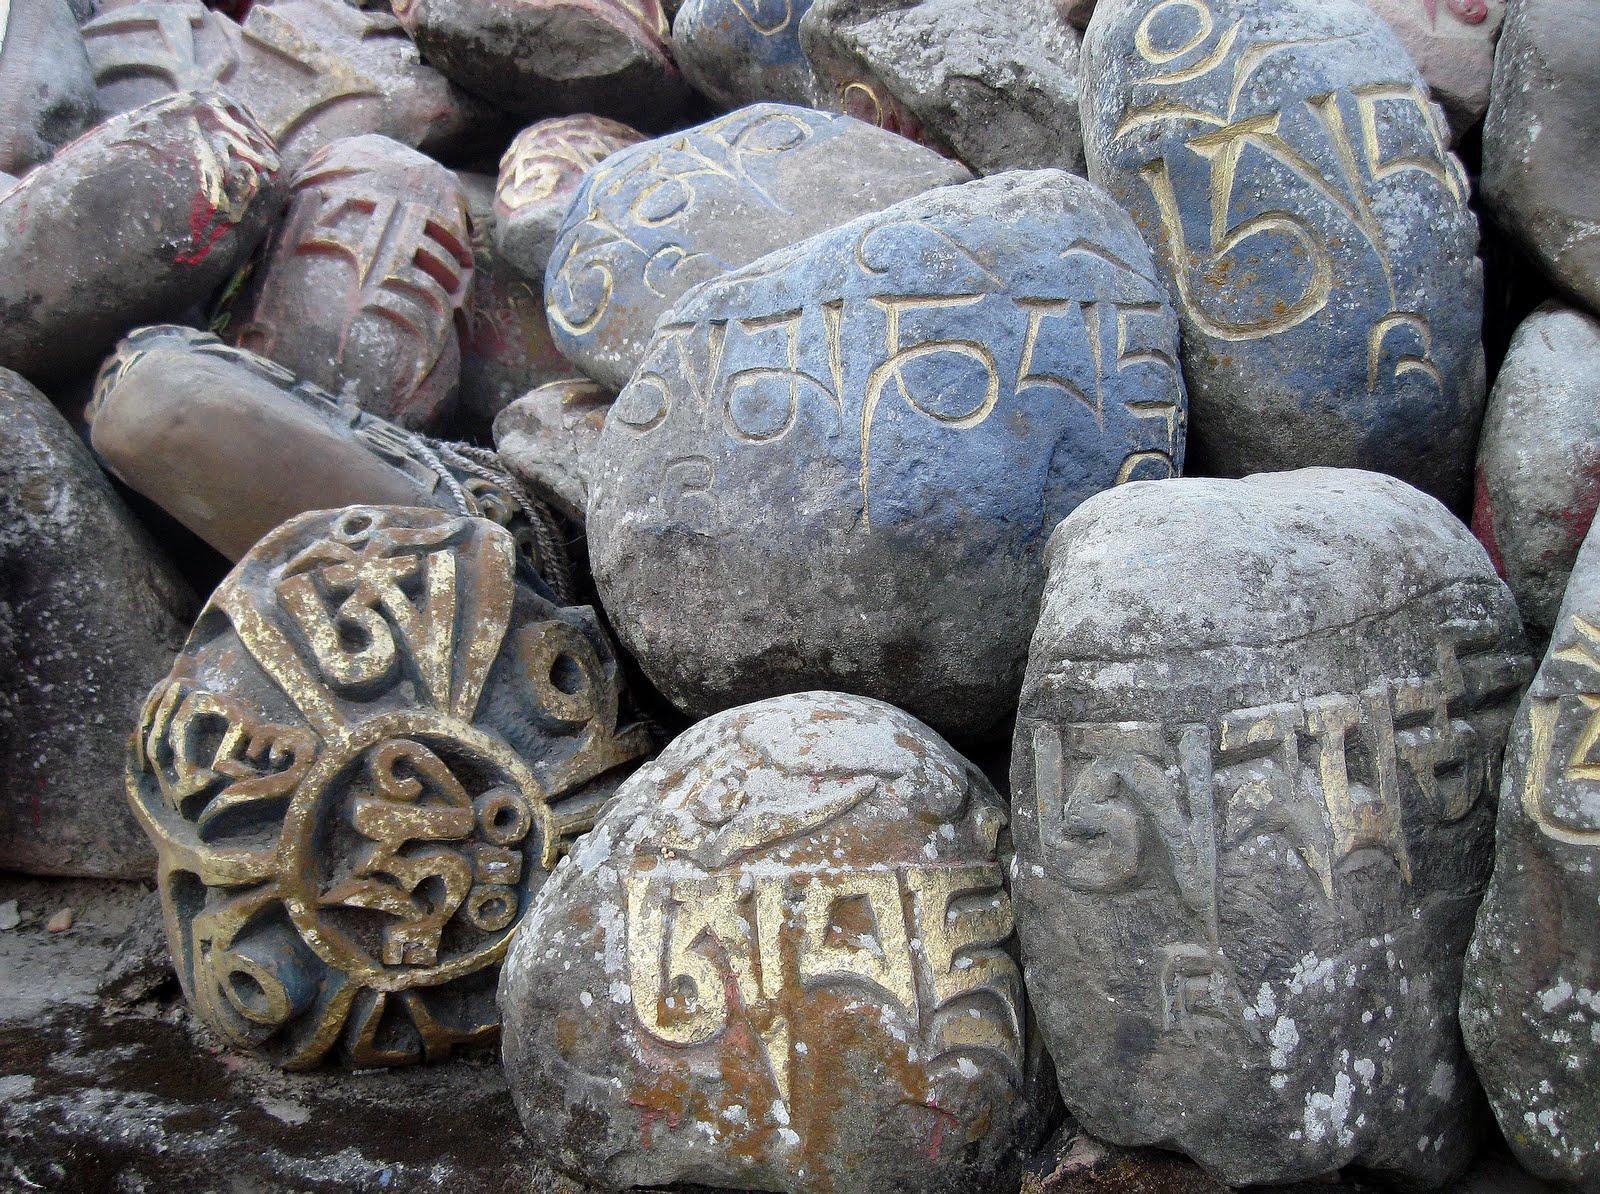 Mani Stones (with images) · WindofEpiphany · Storify